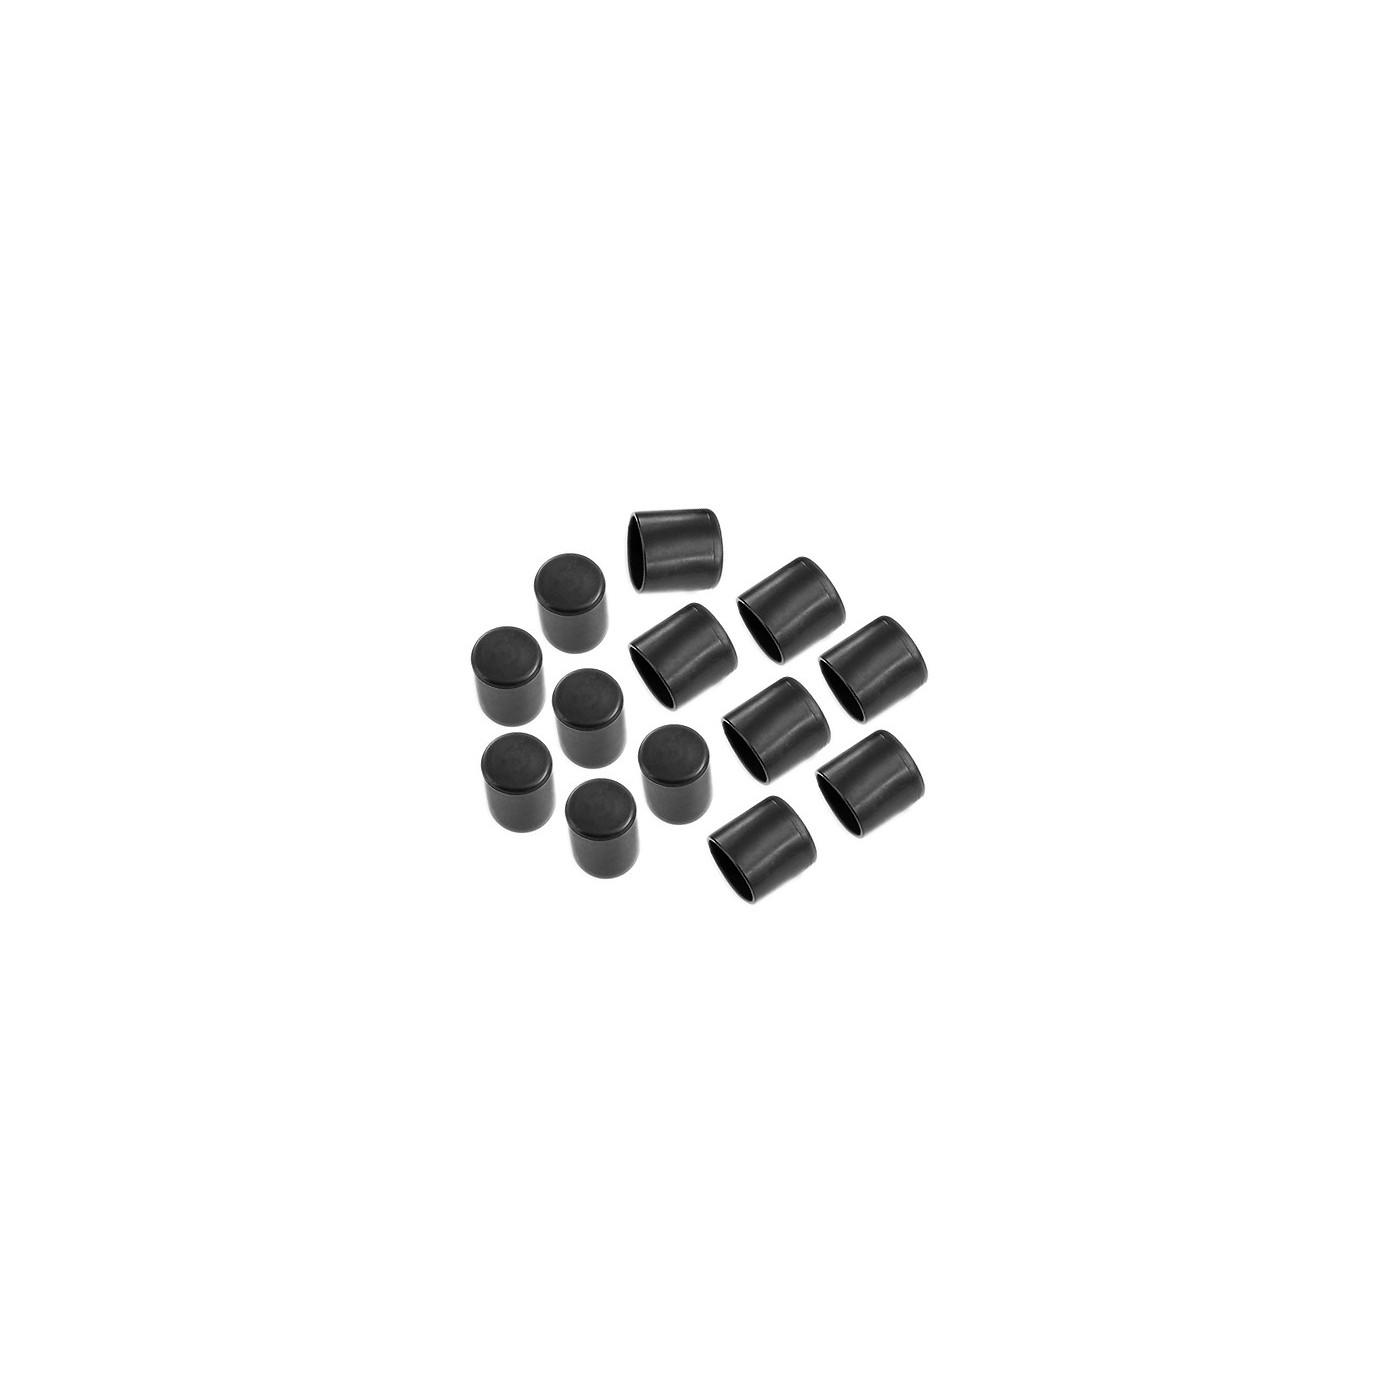 Jeu de 32 couvre-pieds de chaise en silicone (extérieur, rond, 22 mm, noir) [O-RO-22-B]  - 1